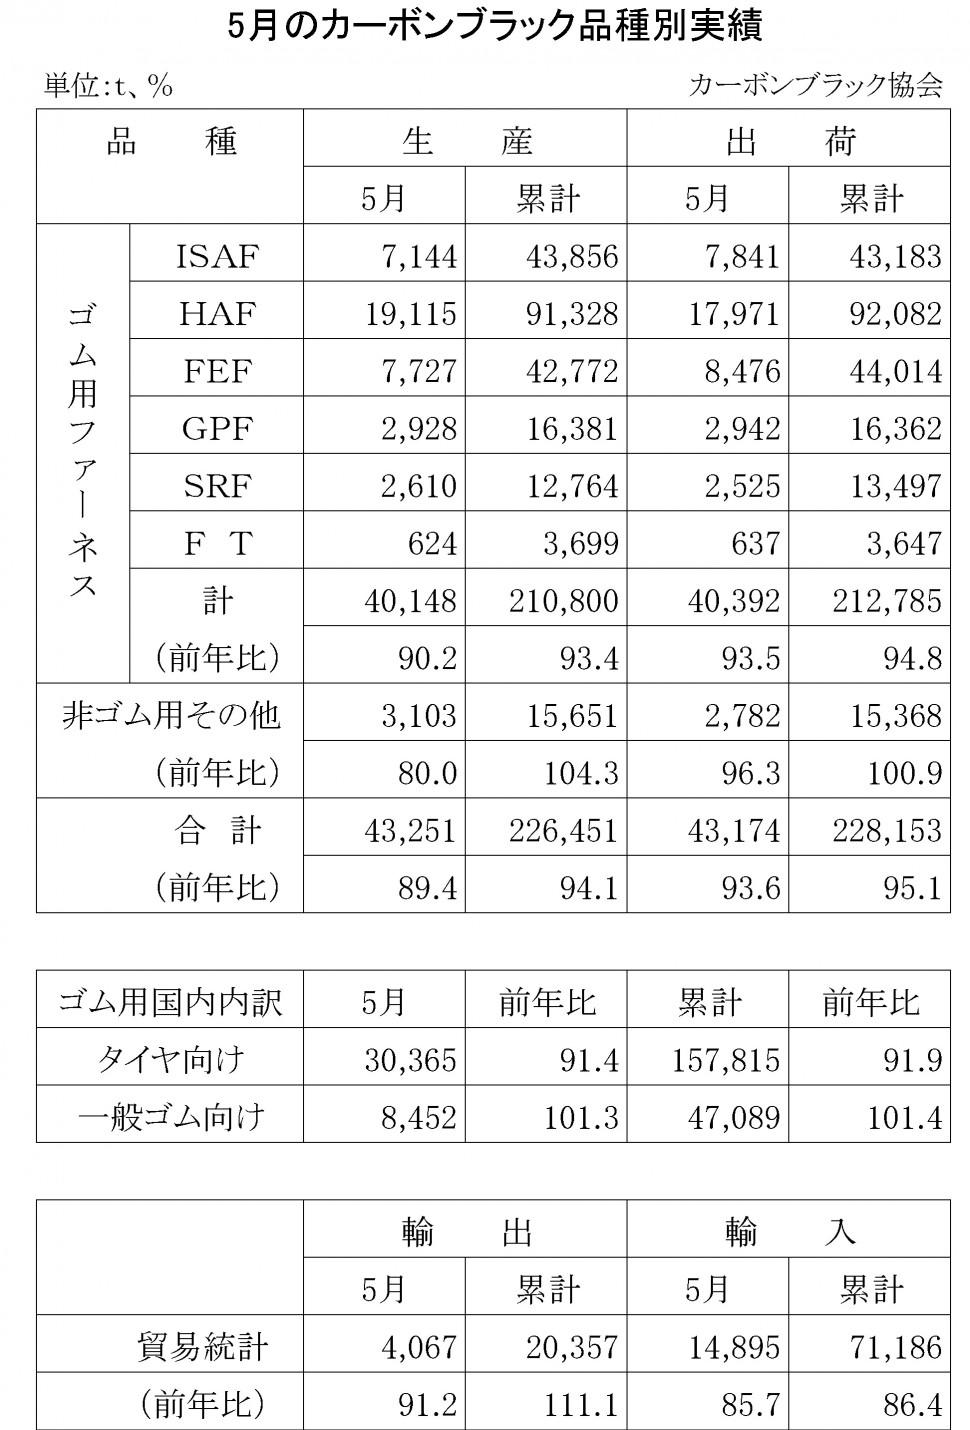 2016年5月のカーボンブラック品種別実績